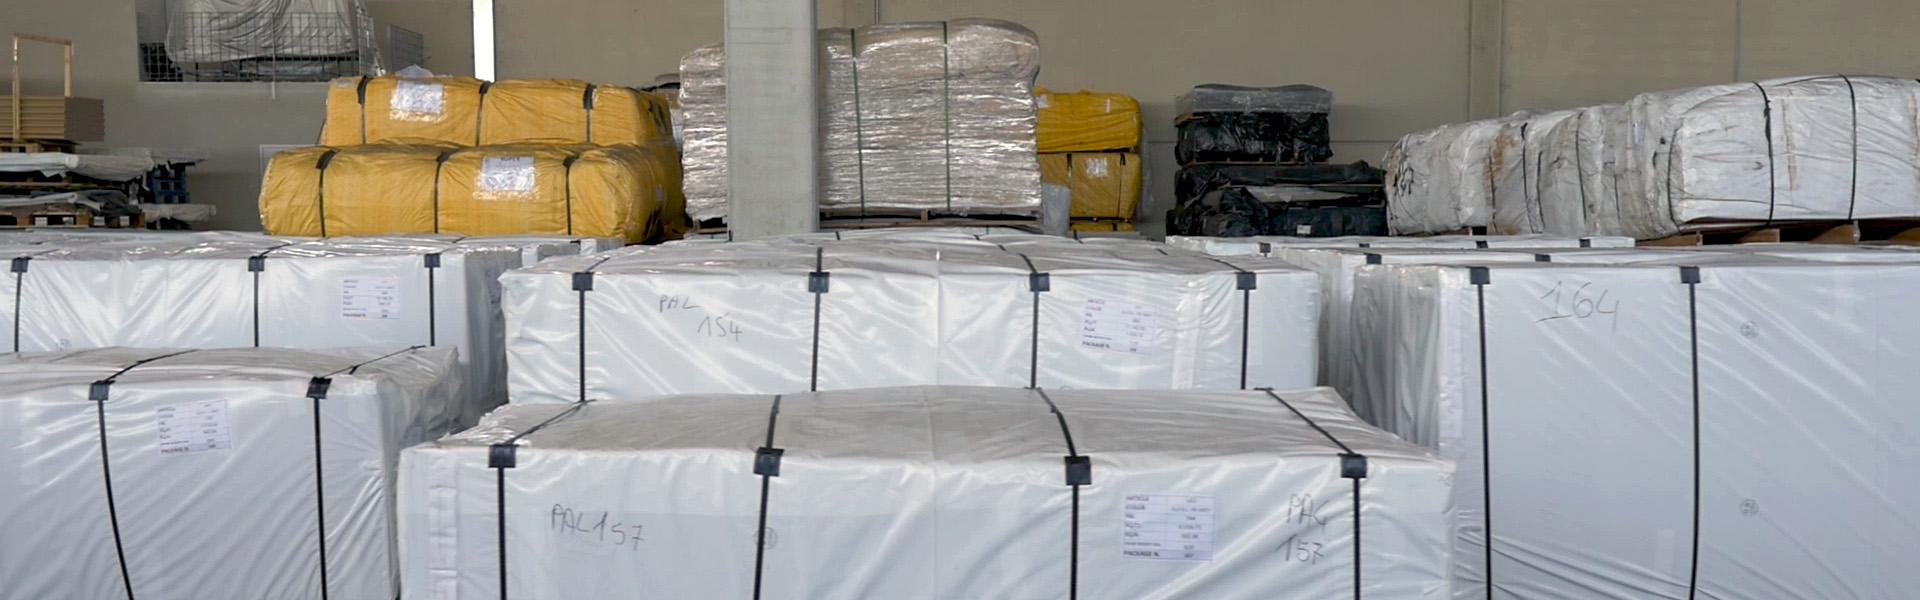 Warehouse / Customs Warehouse / TPA Service